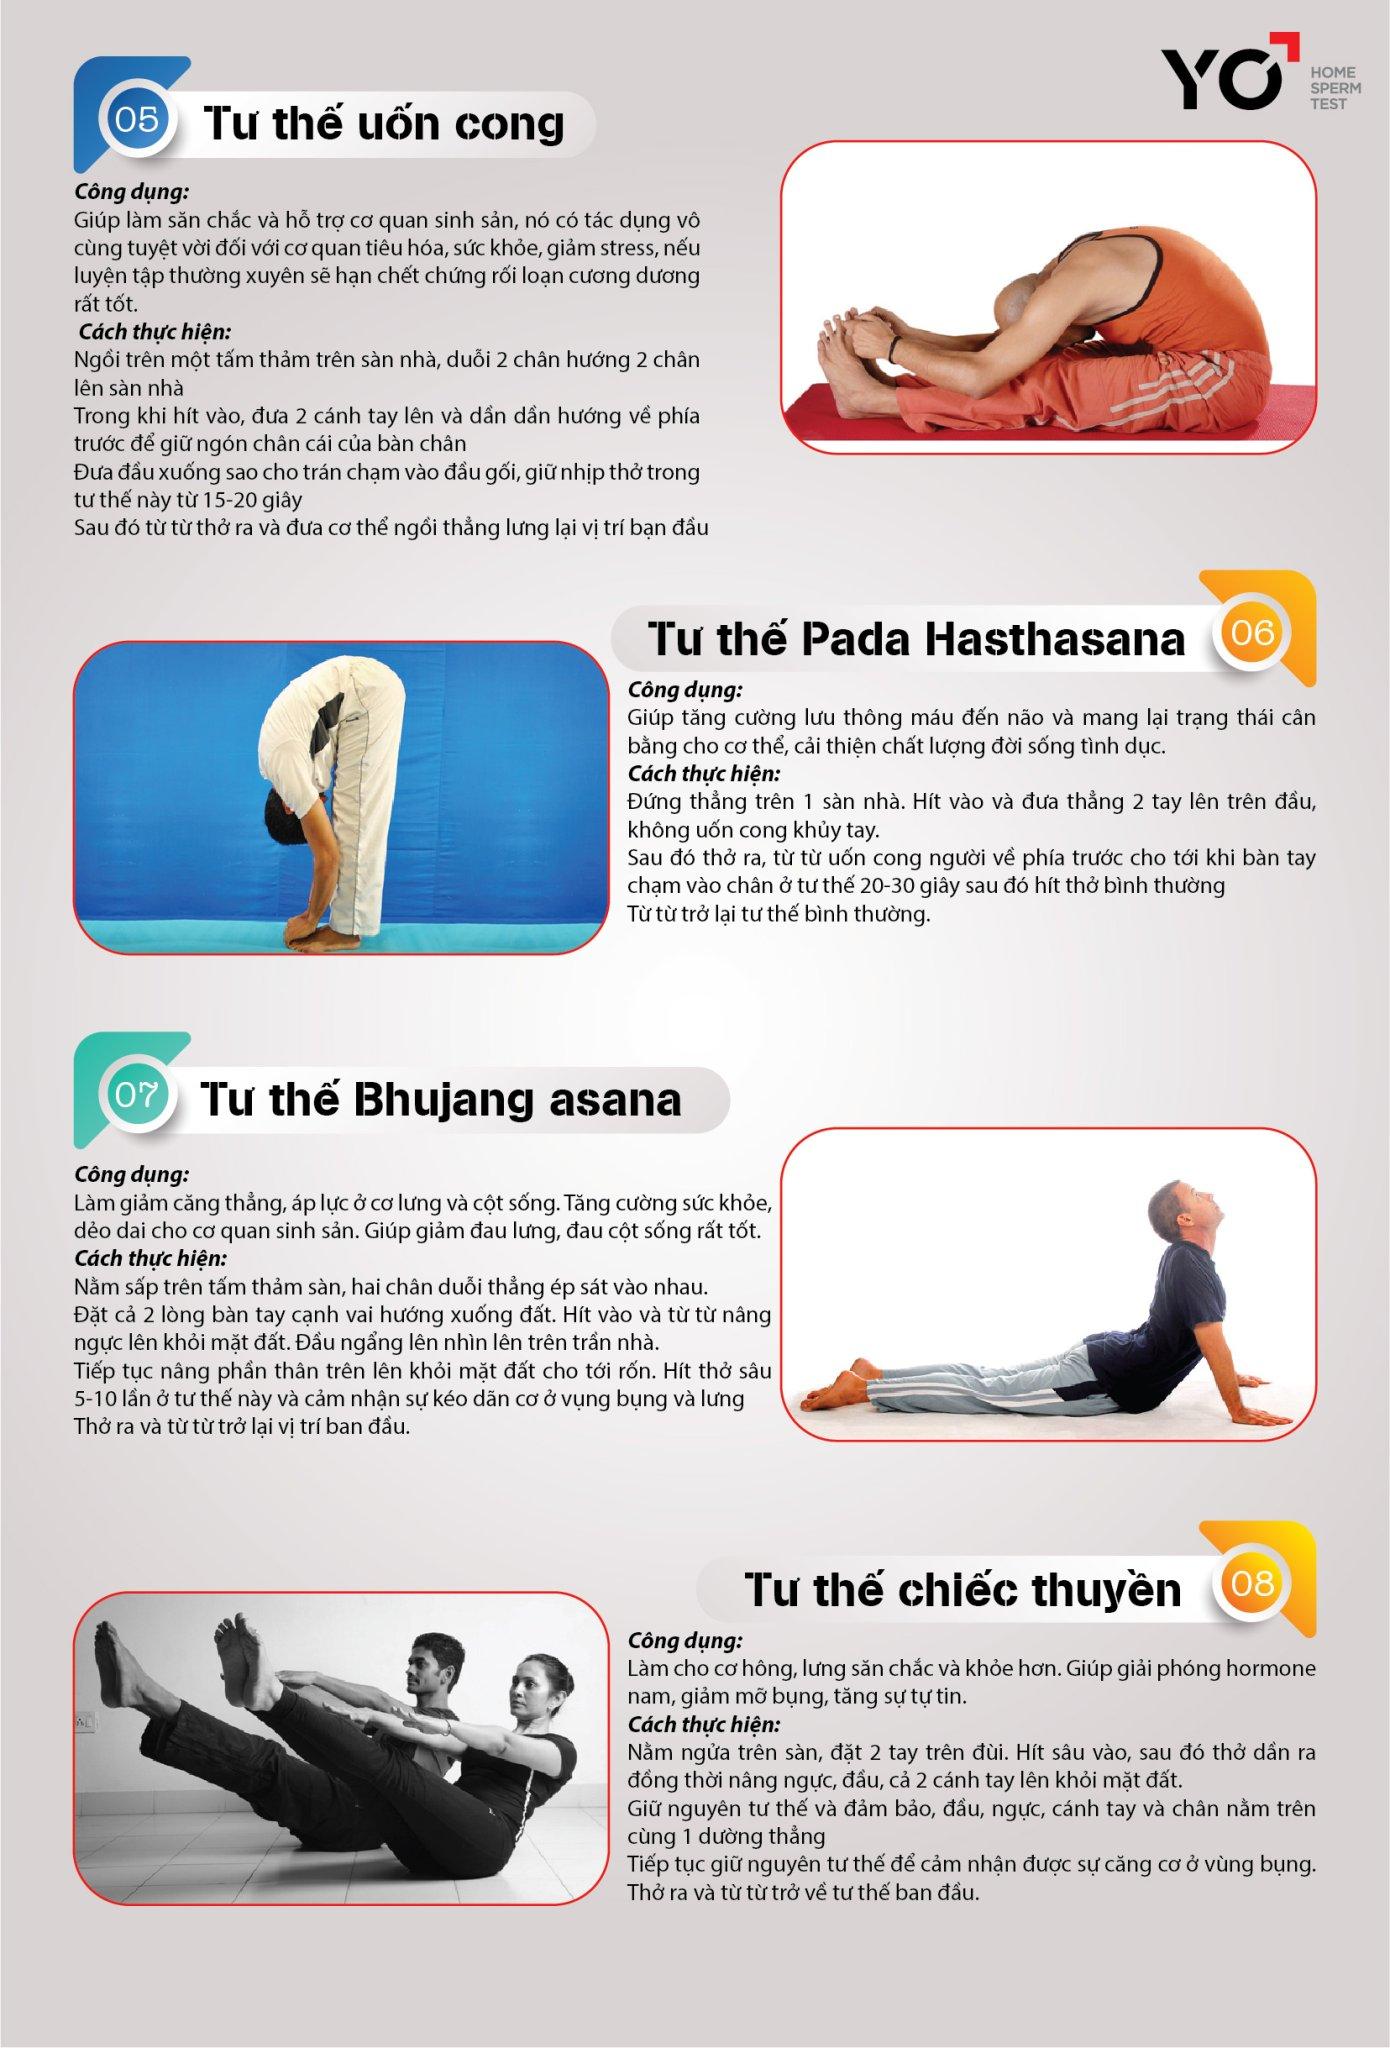 Bệnh nhân xoắn tinh hoàn nên áp dụng các động tác Yoga nhẹ nhàng